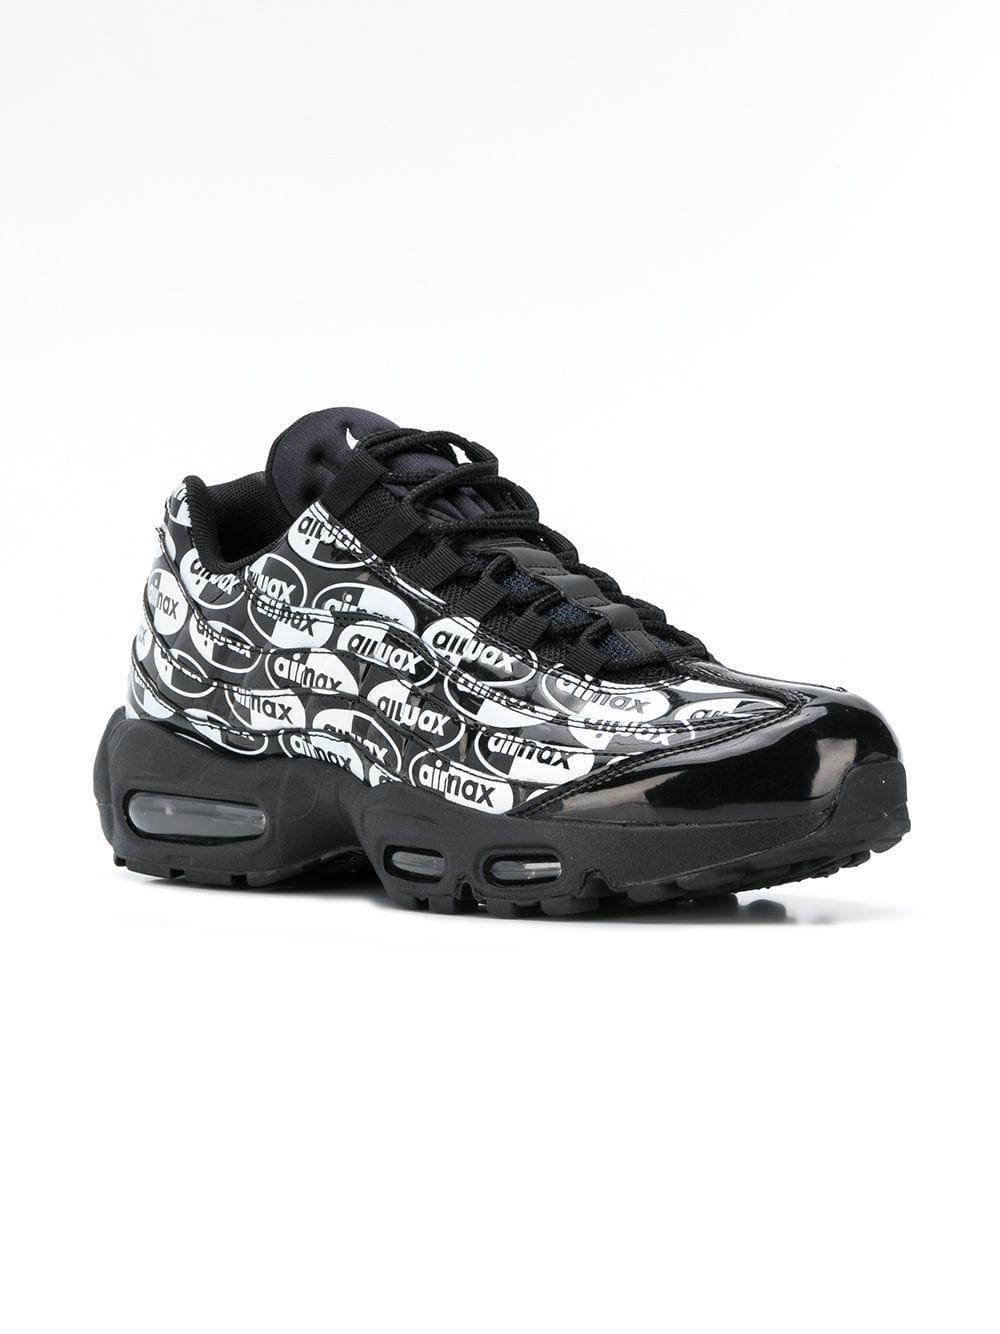 86604a3435 Nike Air Max 95 Premium Sneakers in Black for Men - Lyst